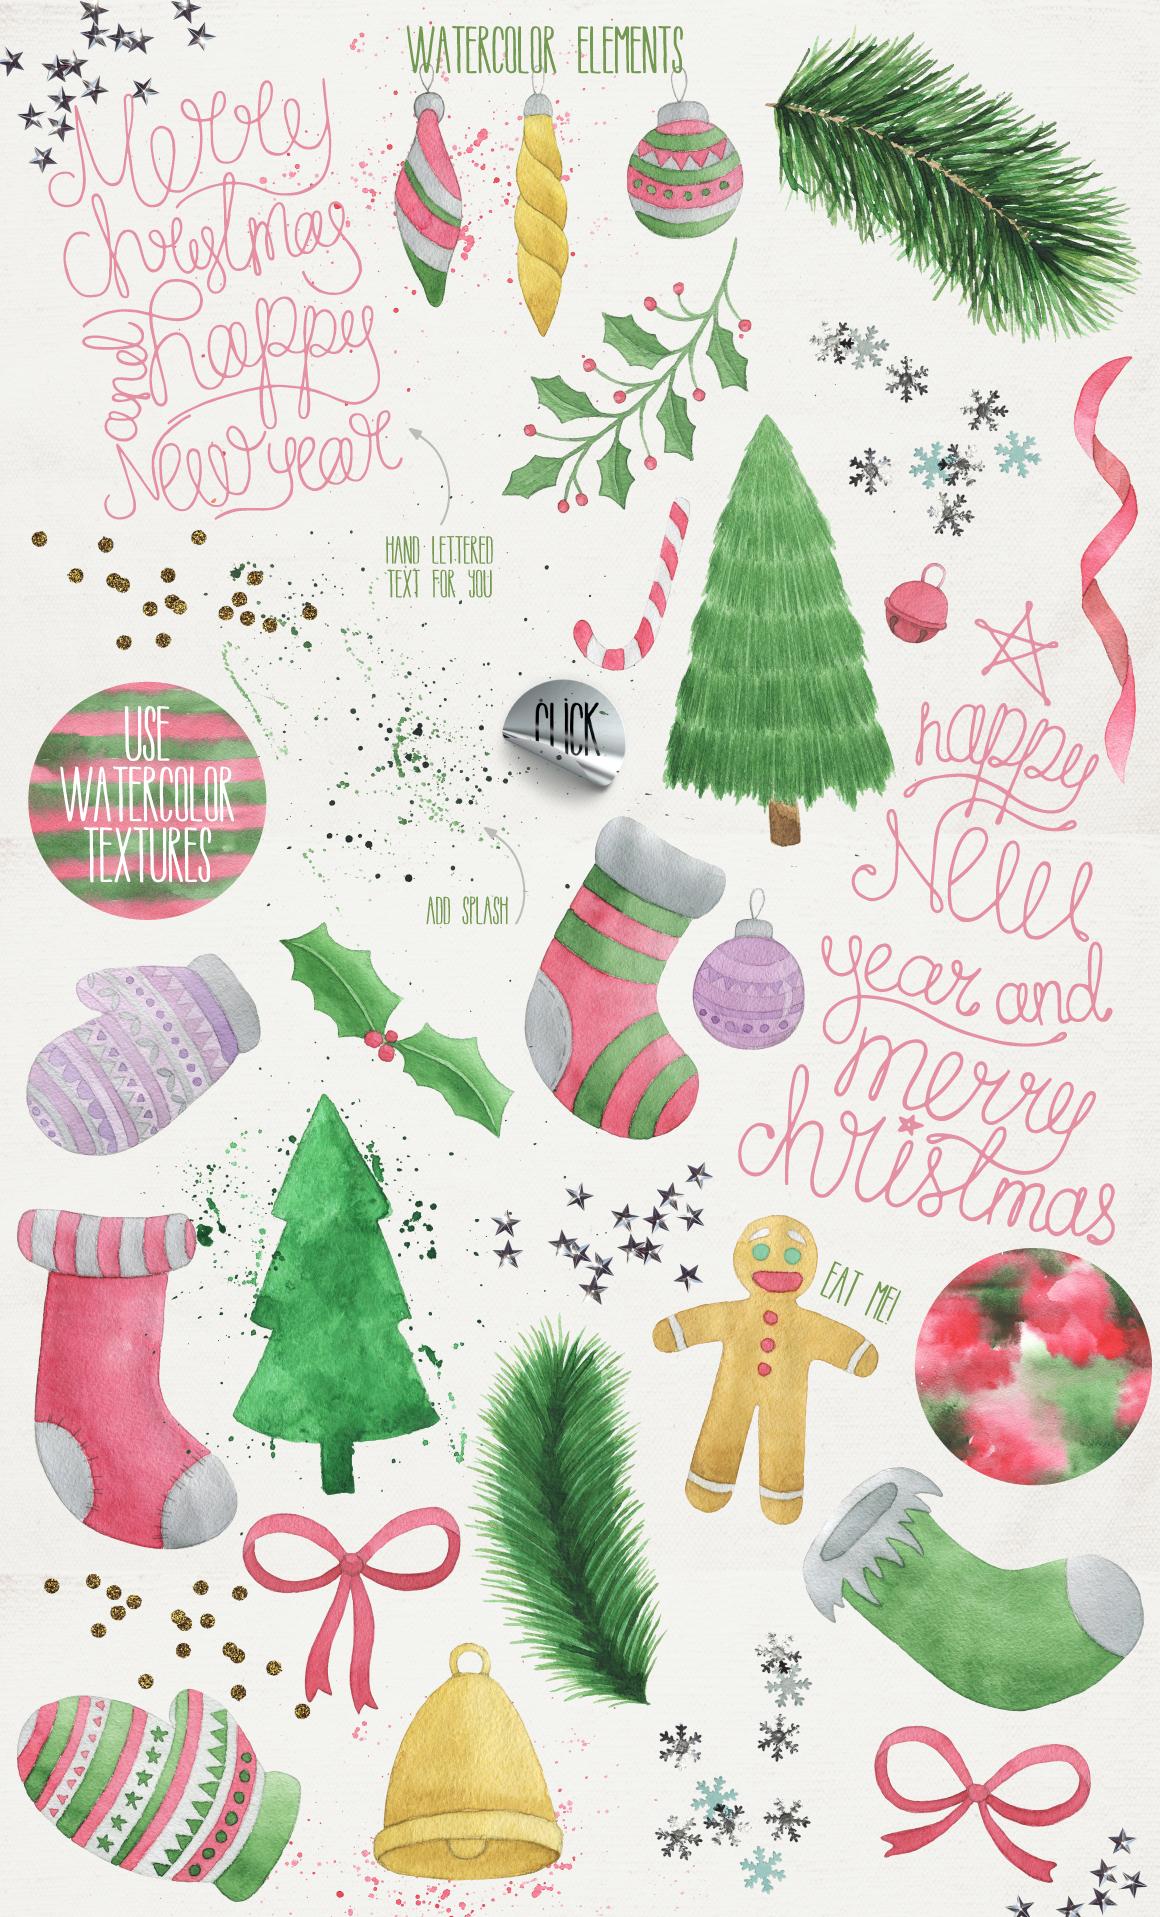 圣诞节主题手写英文字体&水彩纹理素材 Merry Christmas [2 fonts]+Free Goods插图(6)